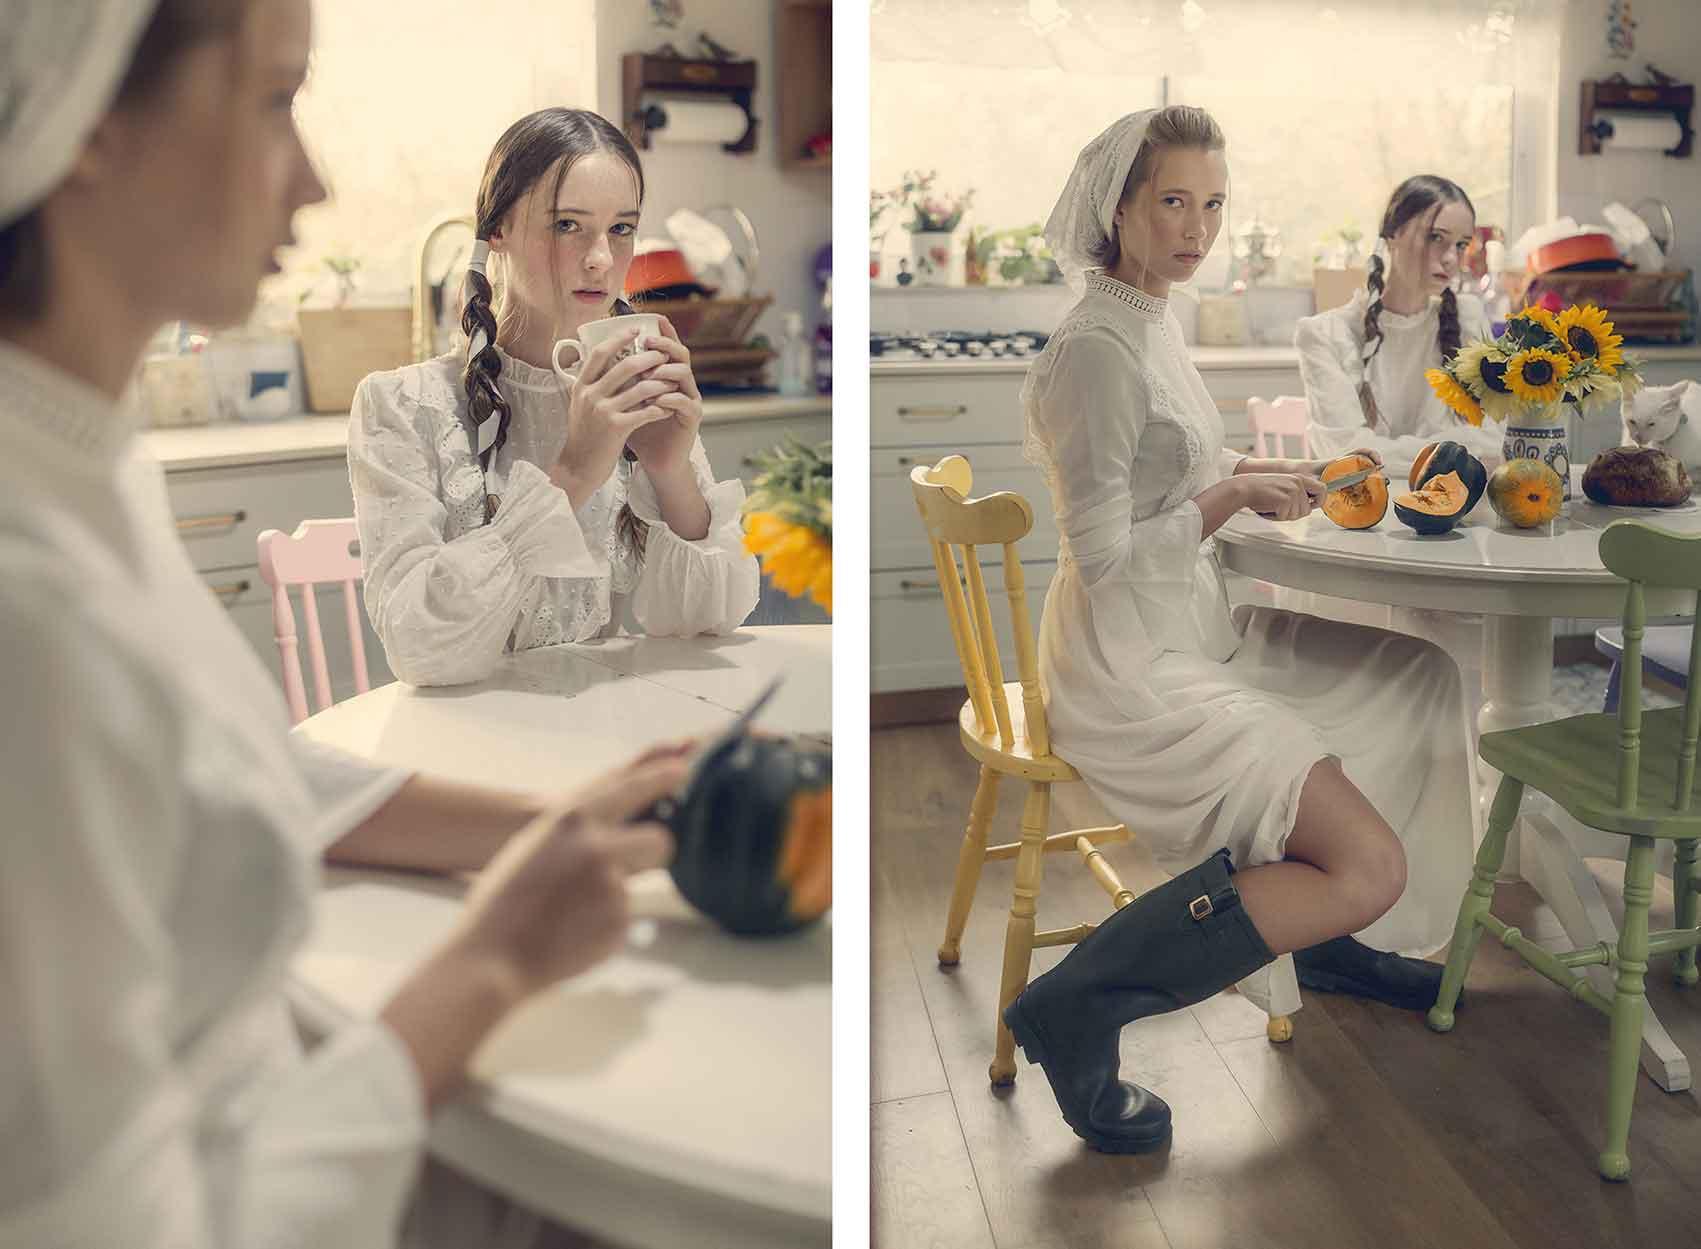 הפקות אופנה-צילום וסטיילינג: לימור צל גוזלן, איפור: ליאור שיין רוט, עיצוב שיער: נועם בושלין בכר, דוגמניות: אוליאנה איינדלננט, לירן ציון ל-Elite Israel-מגזין-אופנה-אונליין